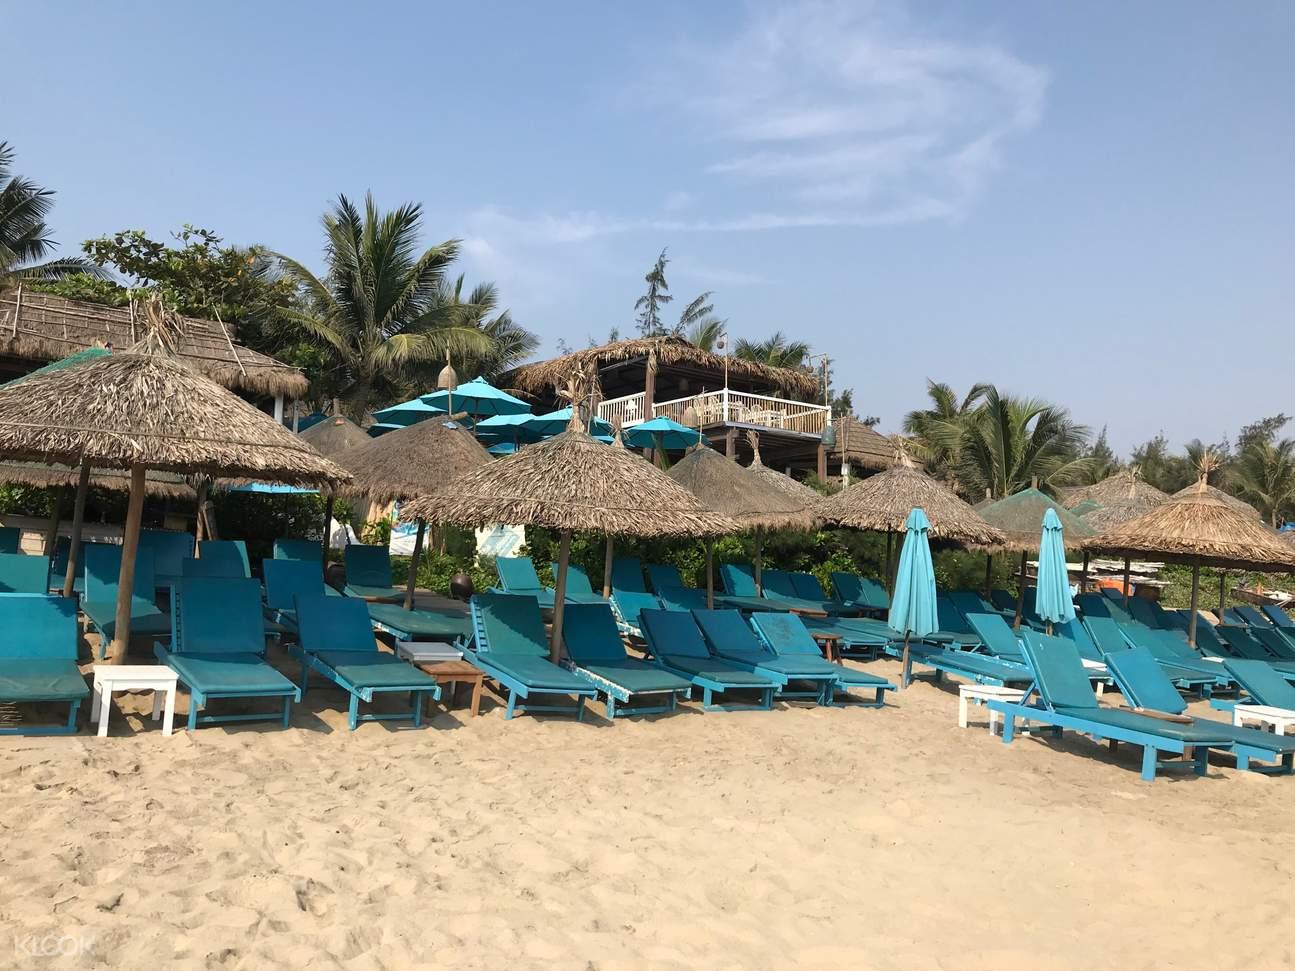 Bãi biển riêng của khách sạn tại biển An Bàng